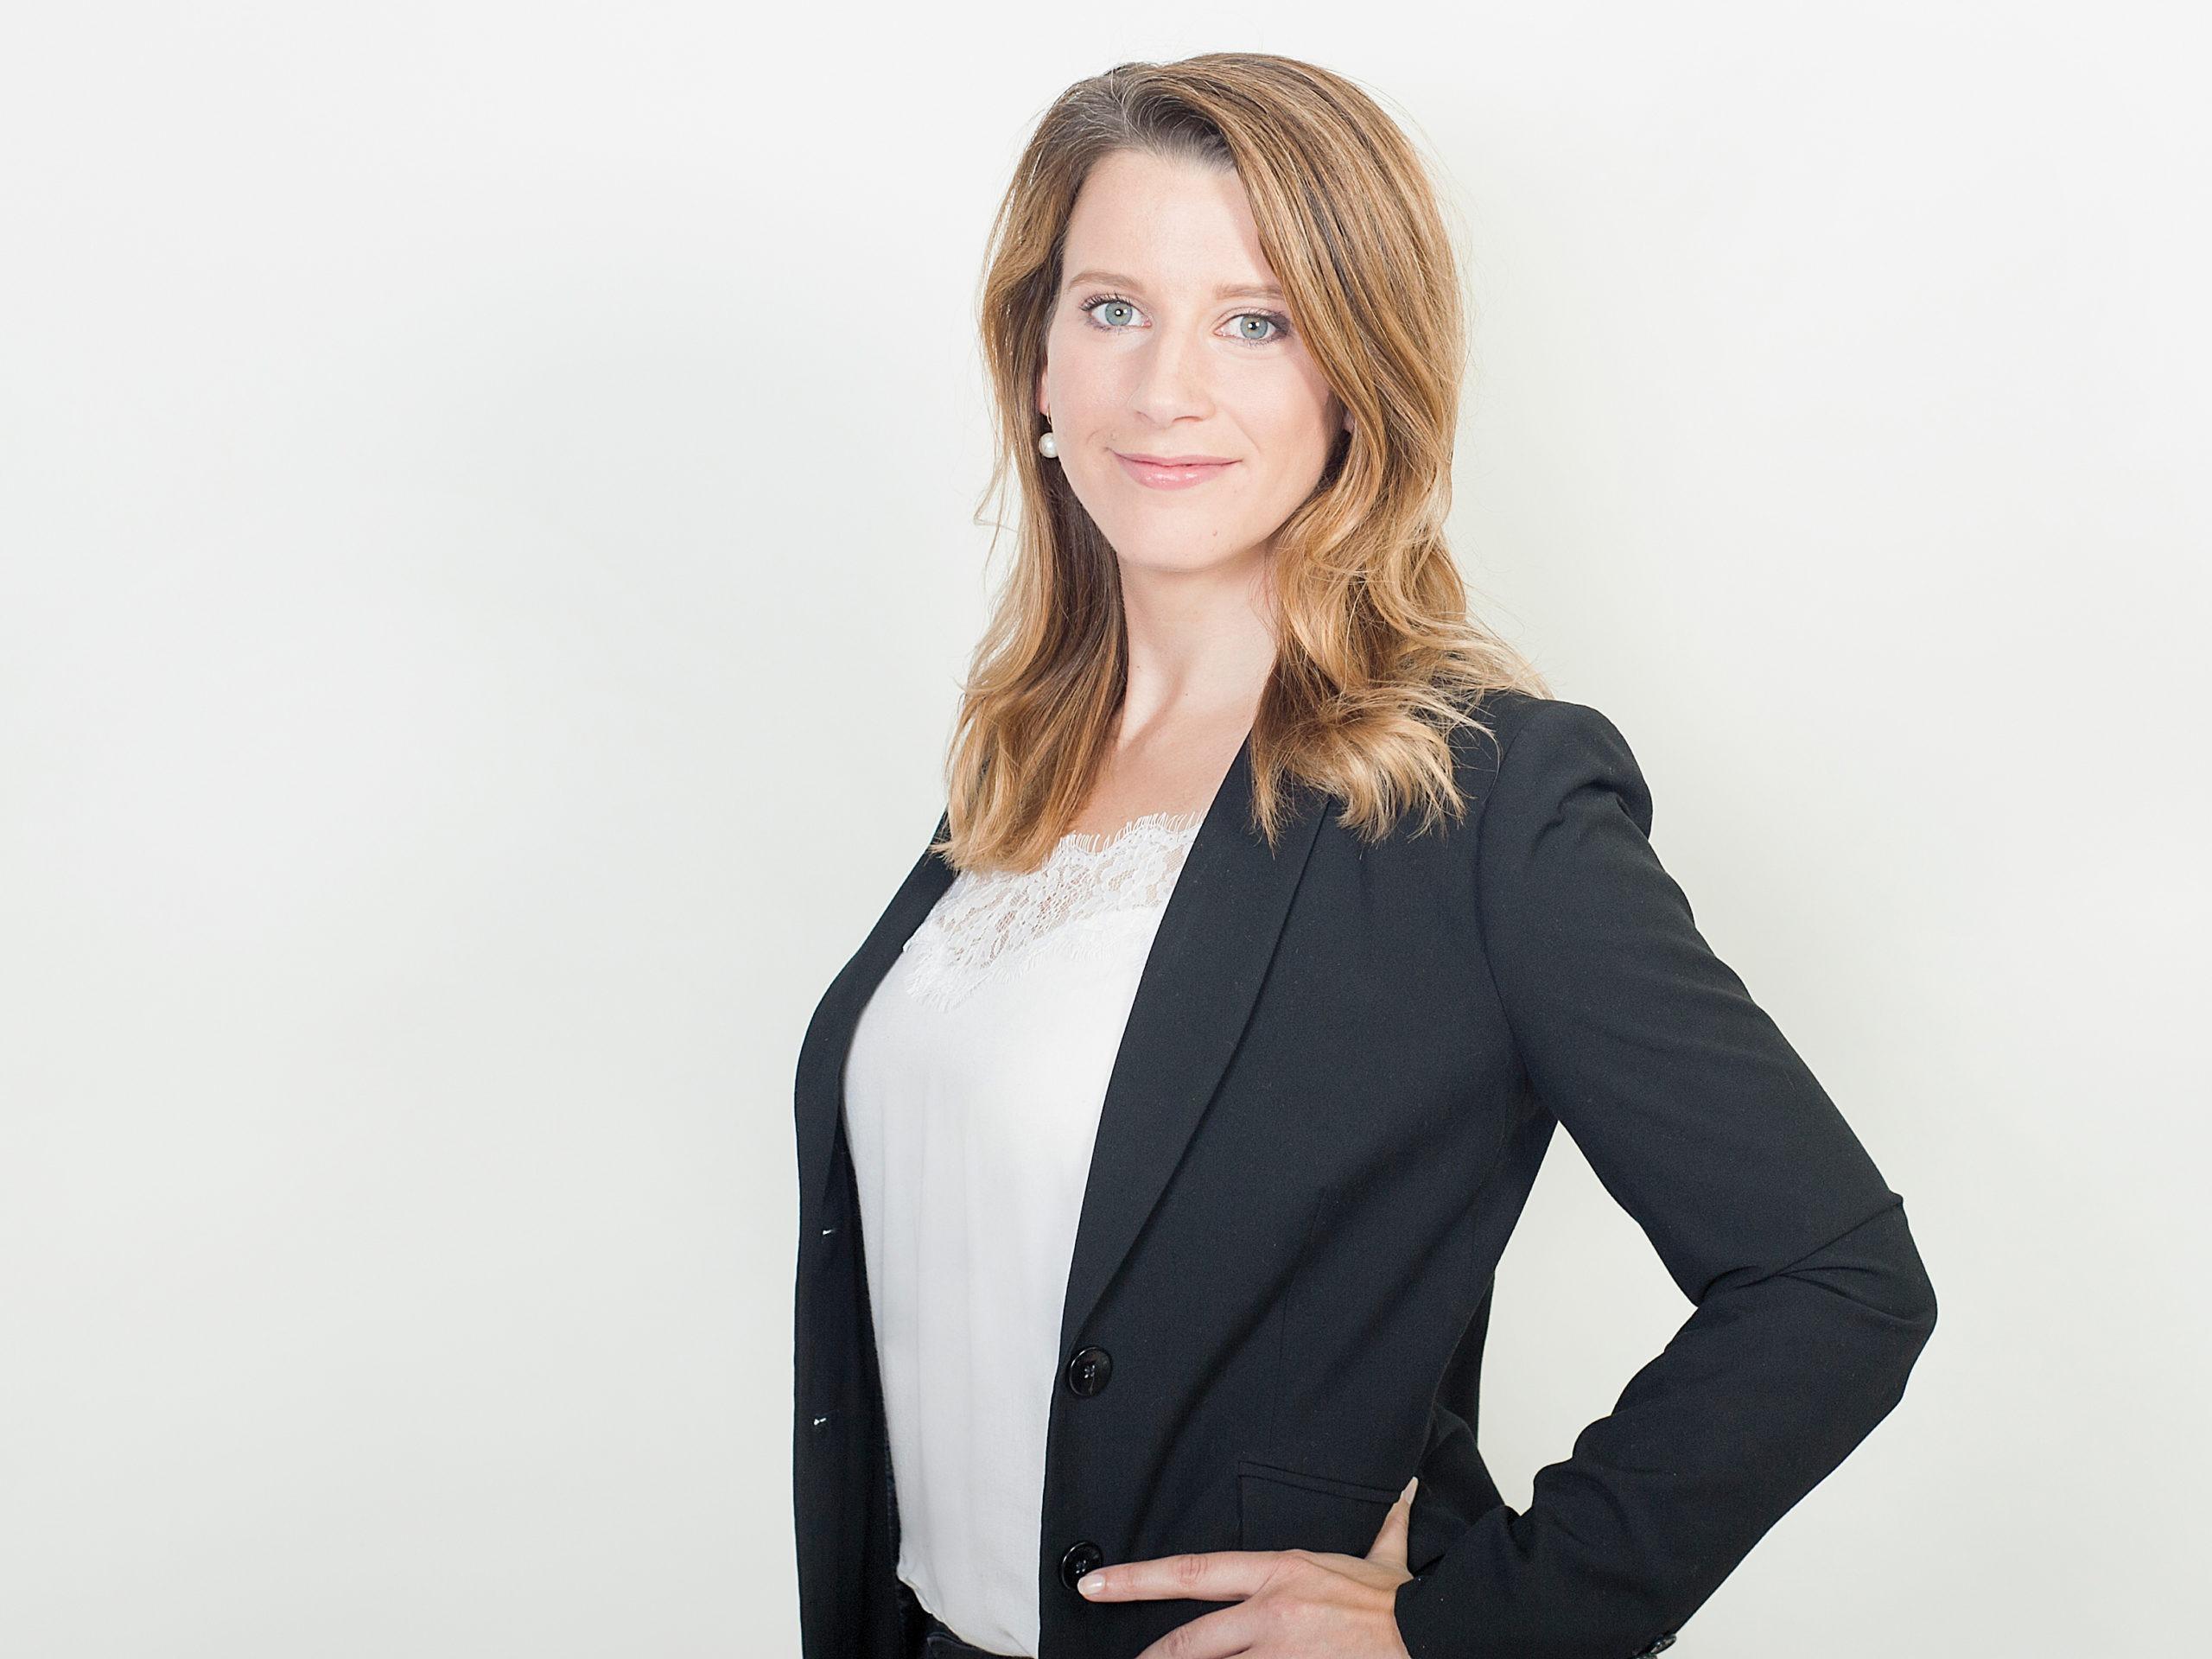 Lena Frömbsdorff | Bereichsleiterin Human Resources